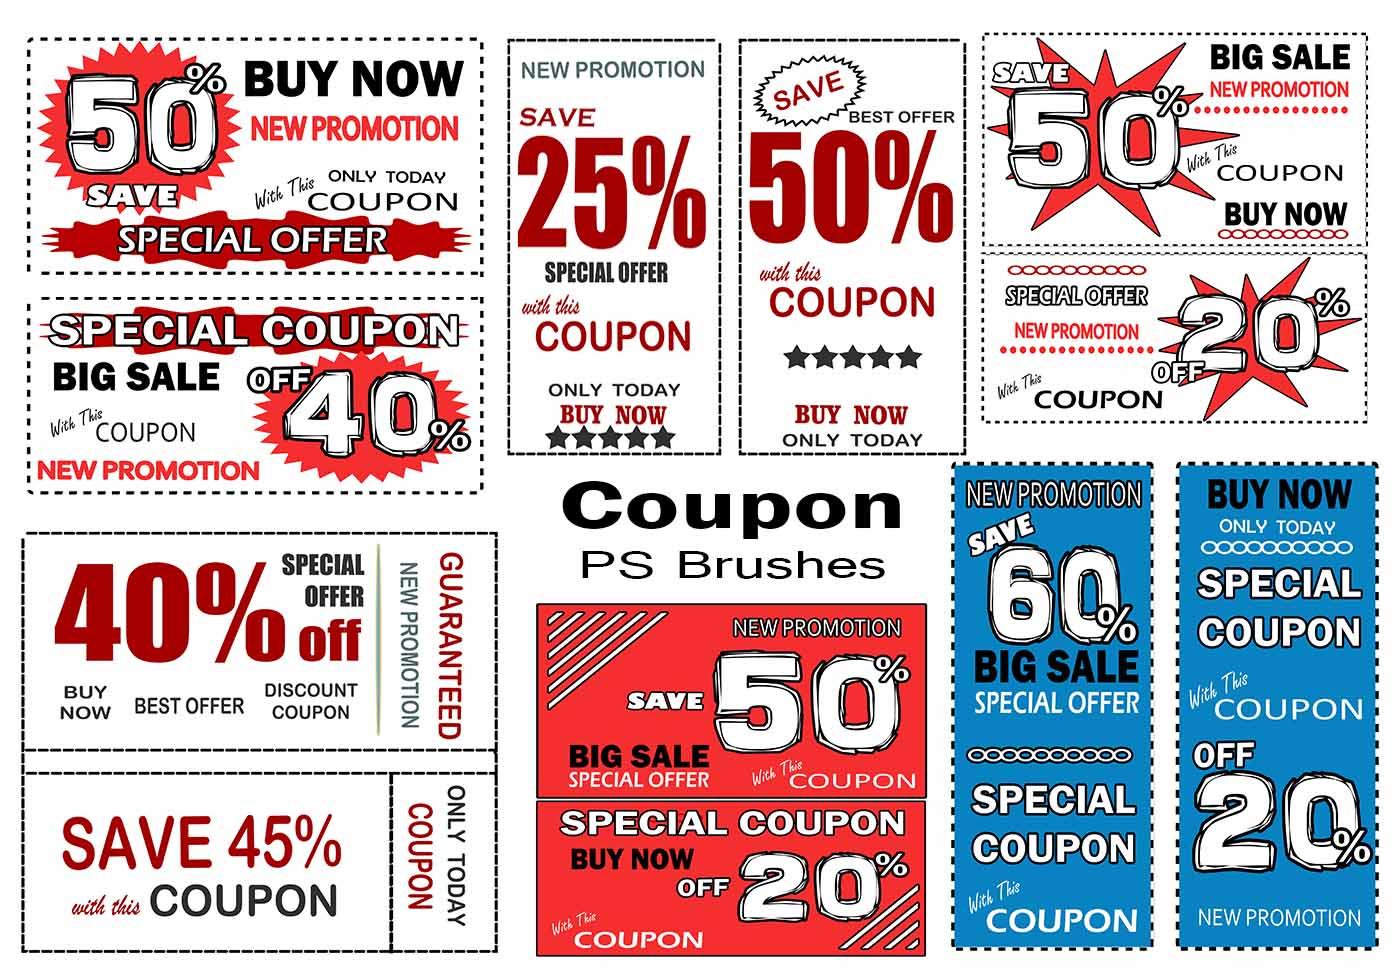 Free photoshop brushes coupon